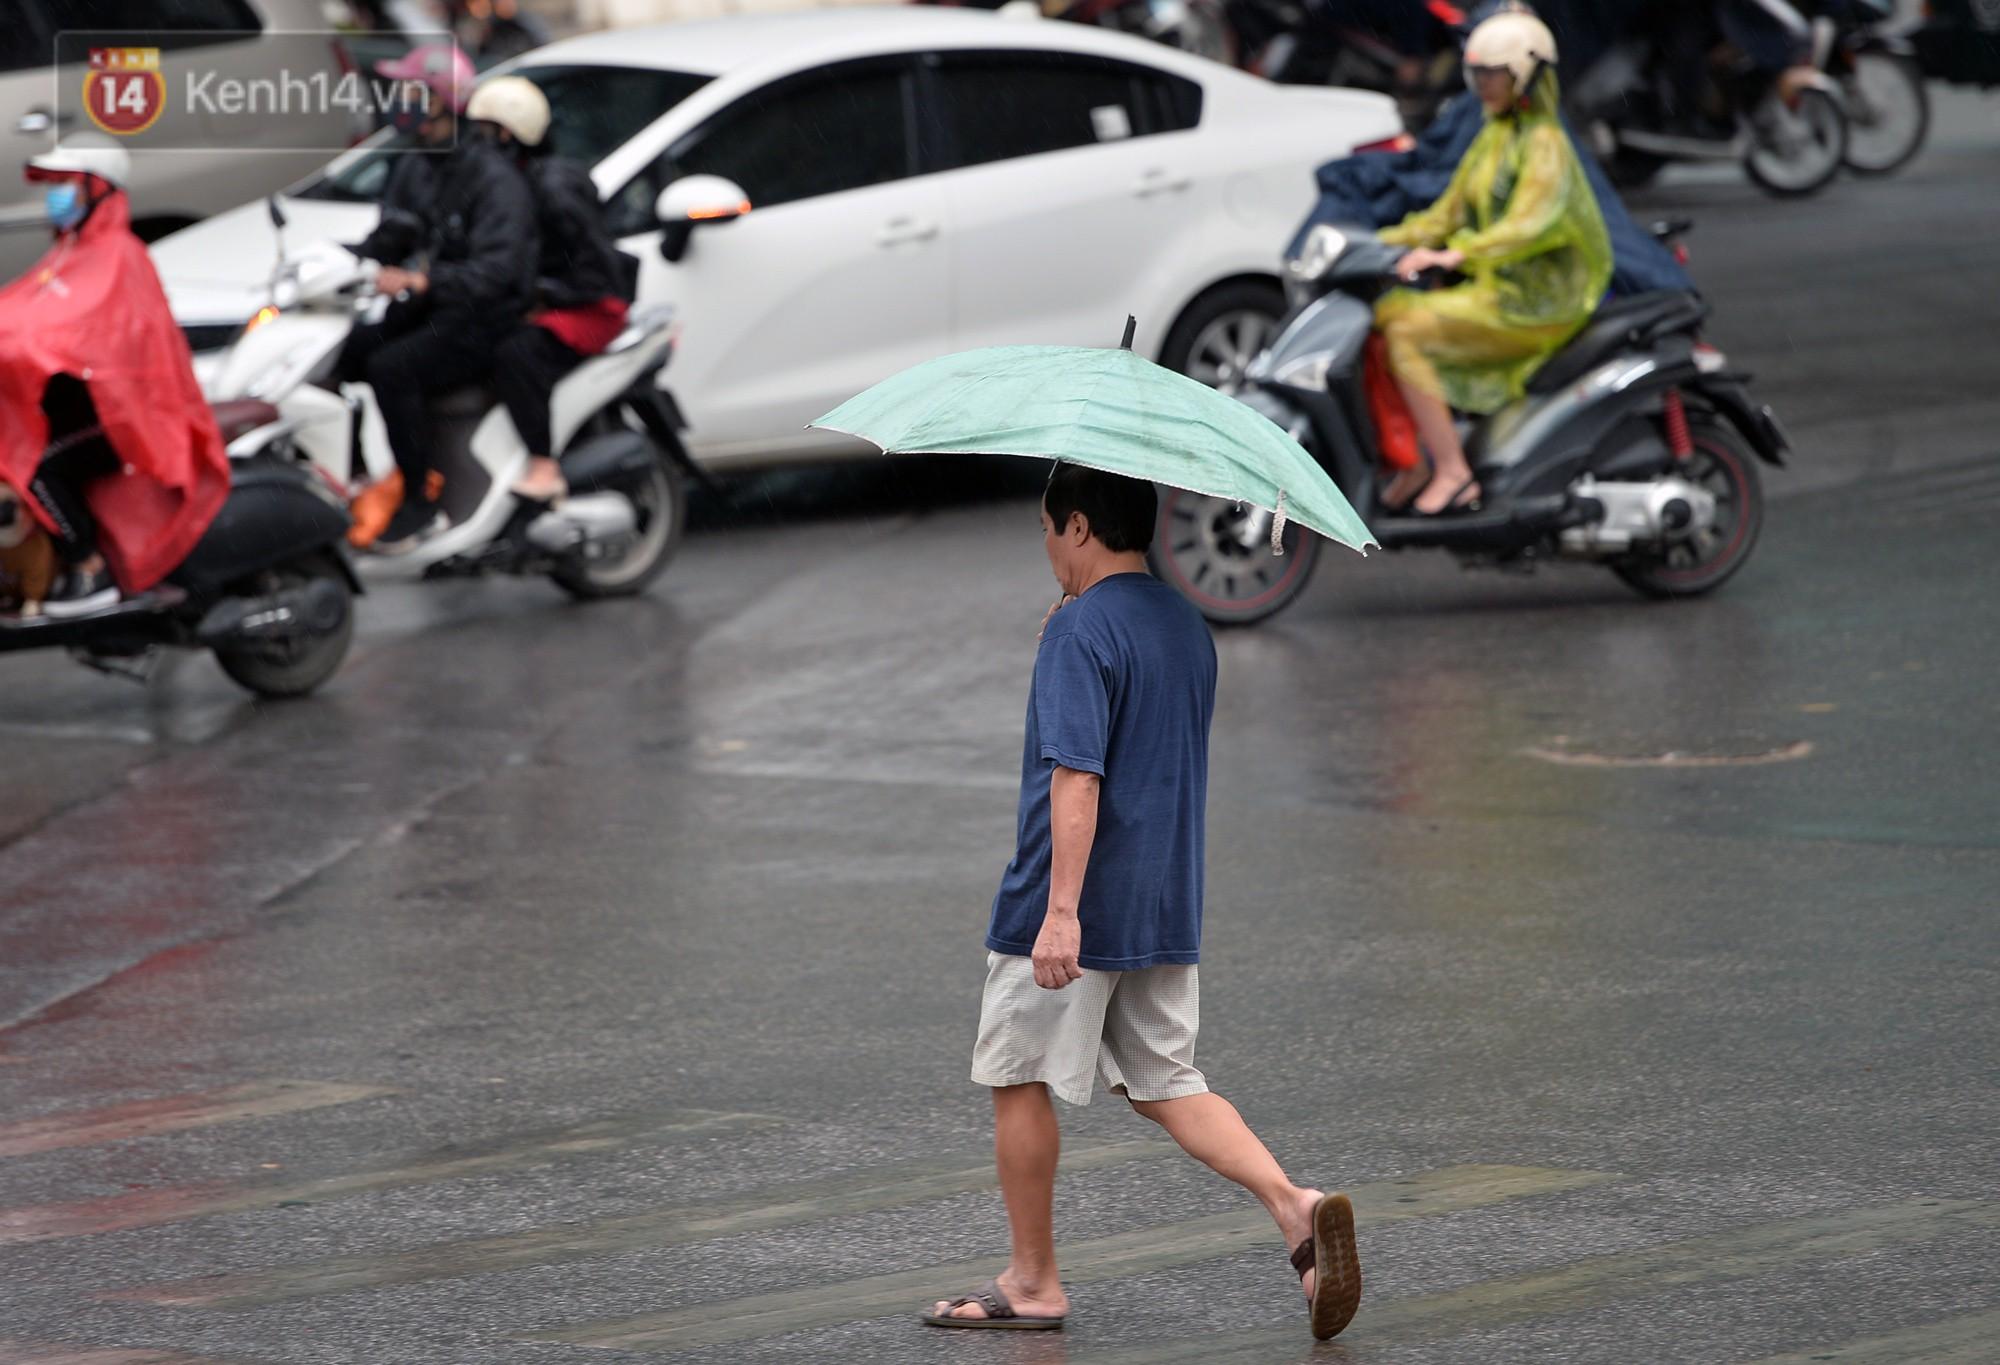 Chùm ảnh: Hà Nội giảm nhiệt độ, người mặc áo khoác dày, người quần đùi áo cộc xuống phố - Ảnh 5.